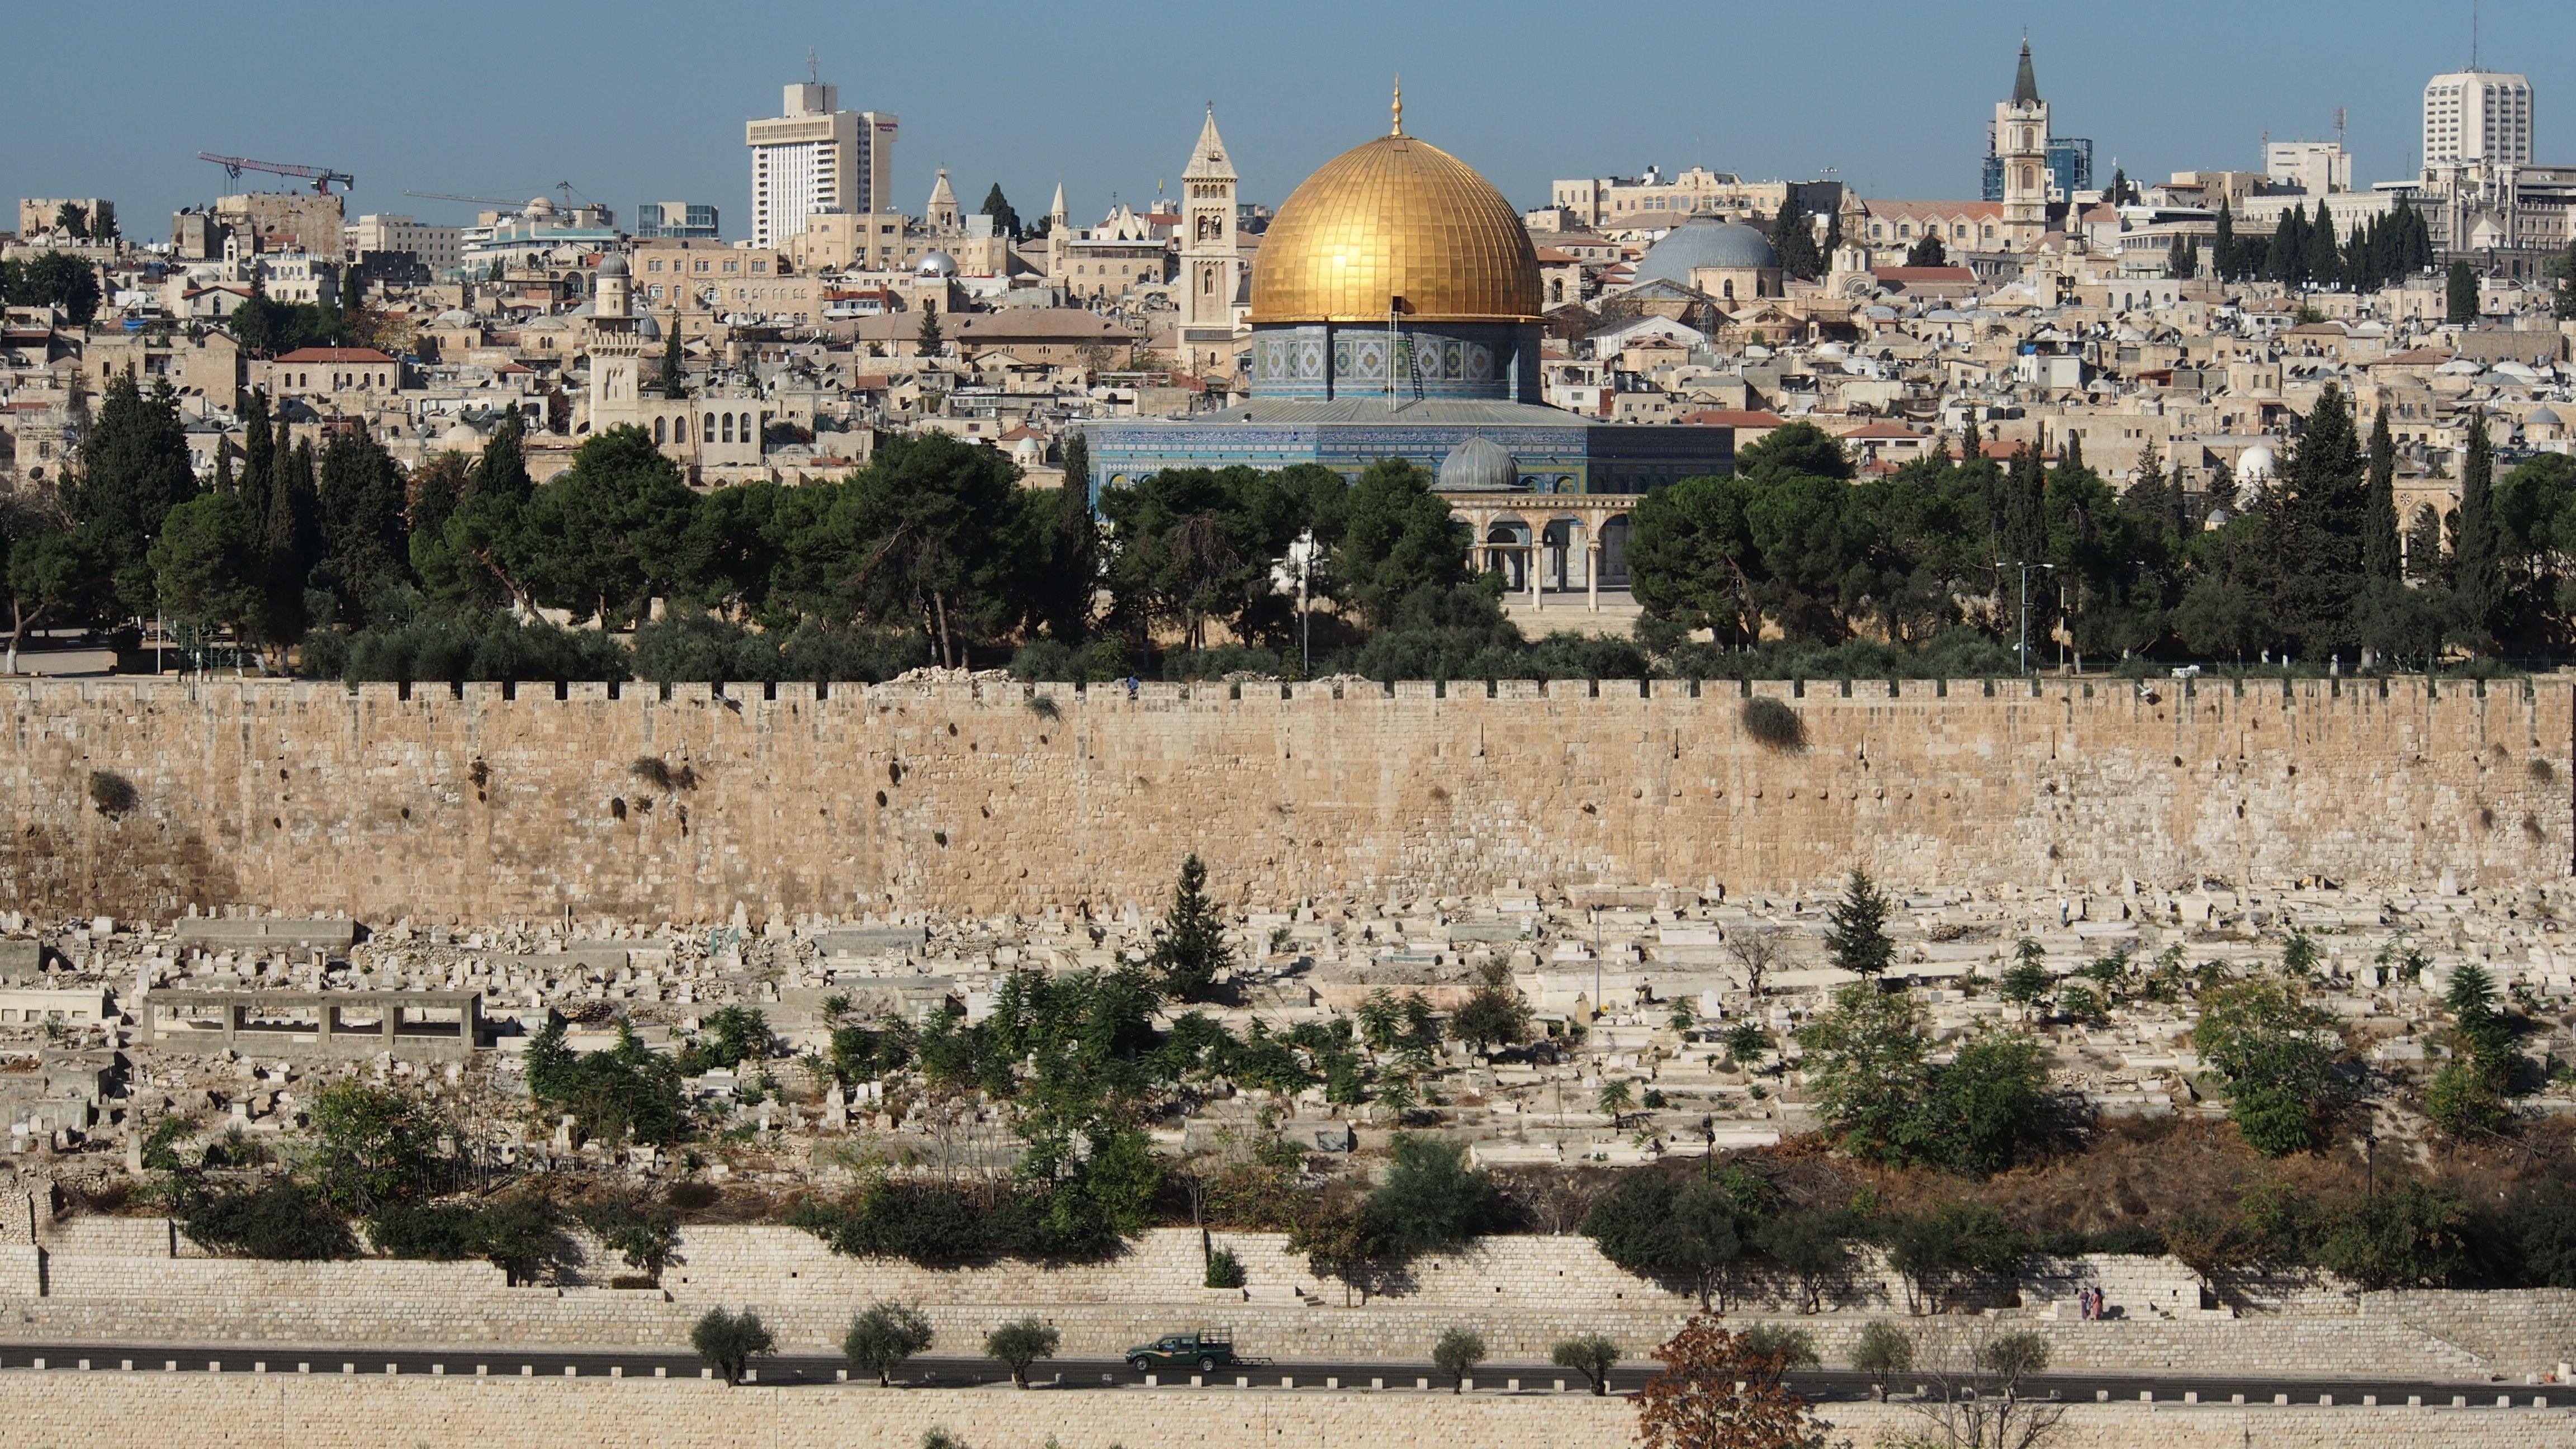 Cidade Antiga Jerusalém imagens) Cidade, Viajar, Sonhos